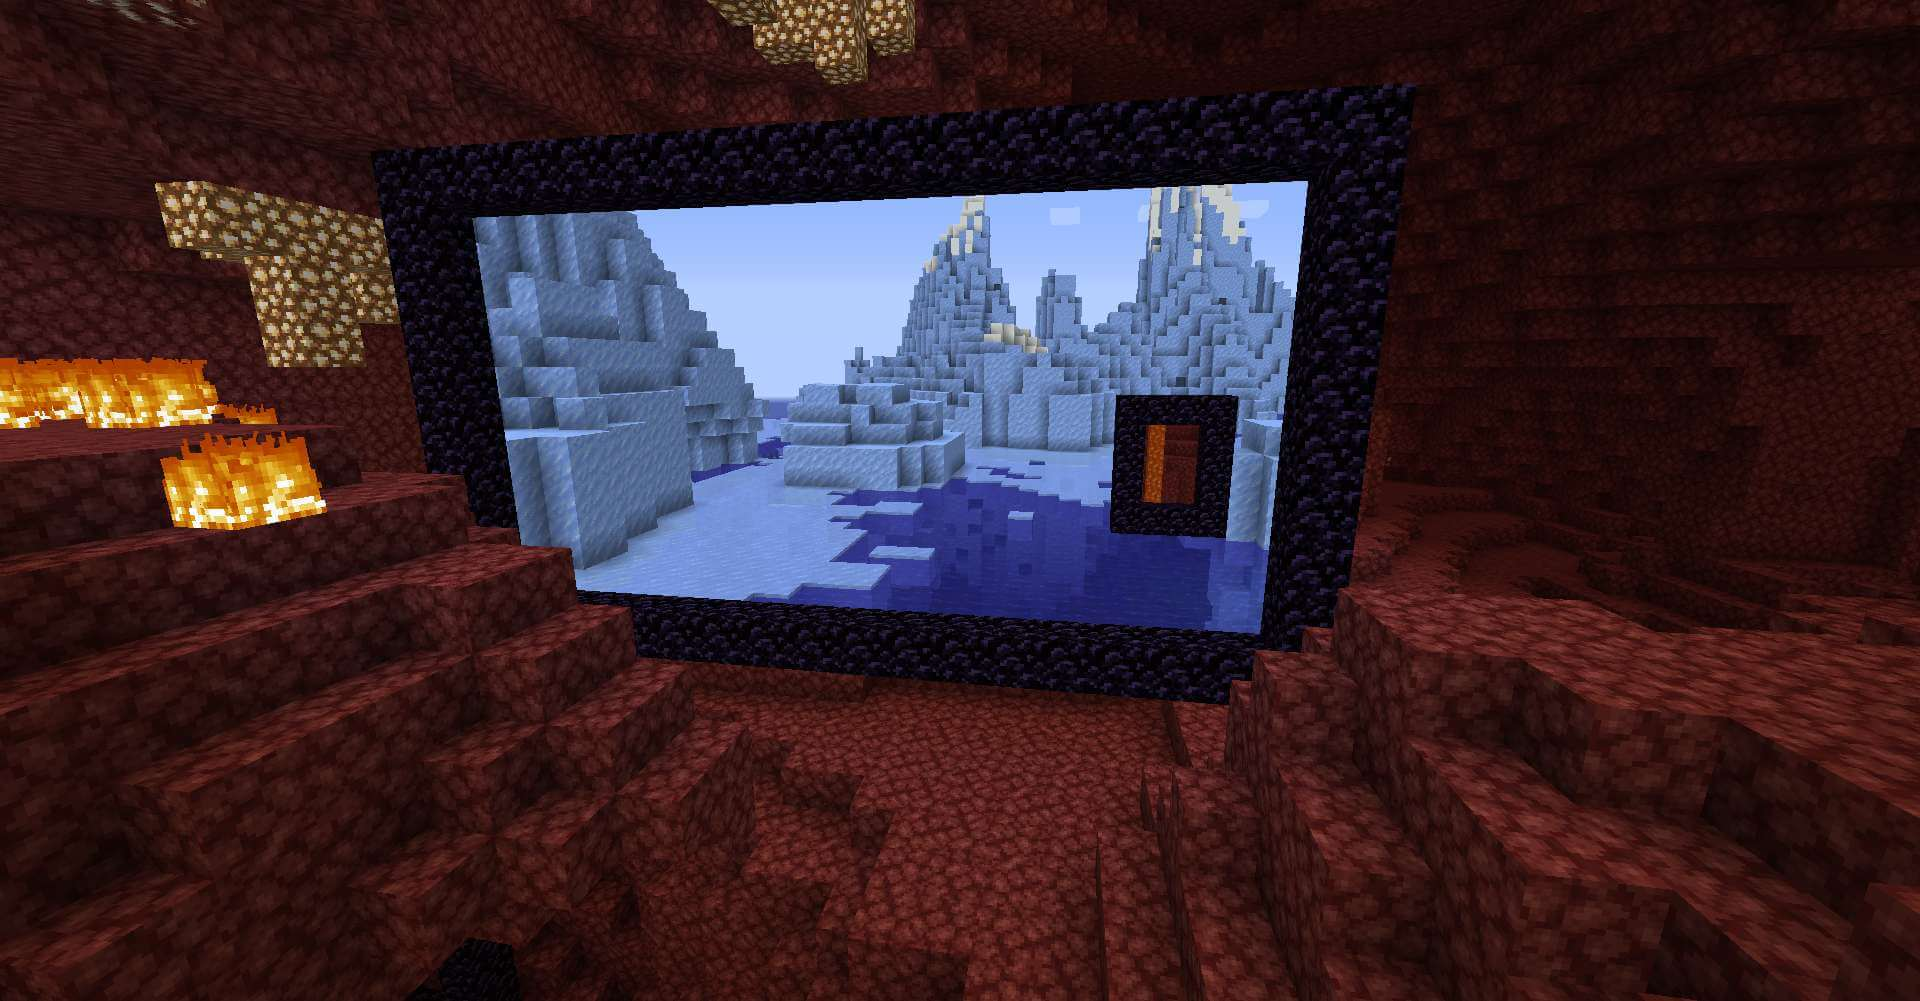 我的世界沉浸式传送门(Immersive Portals)MOD